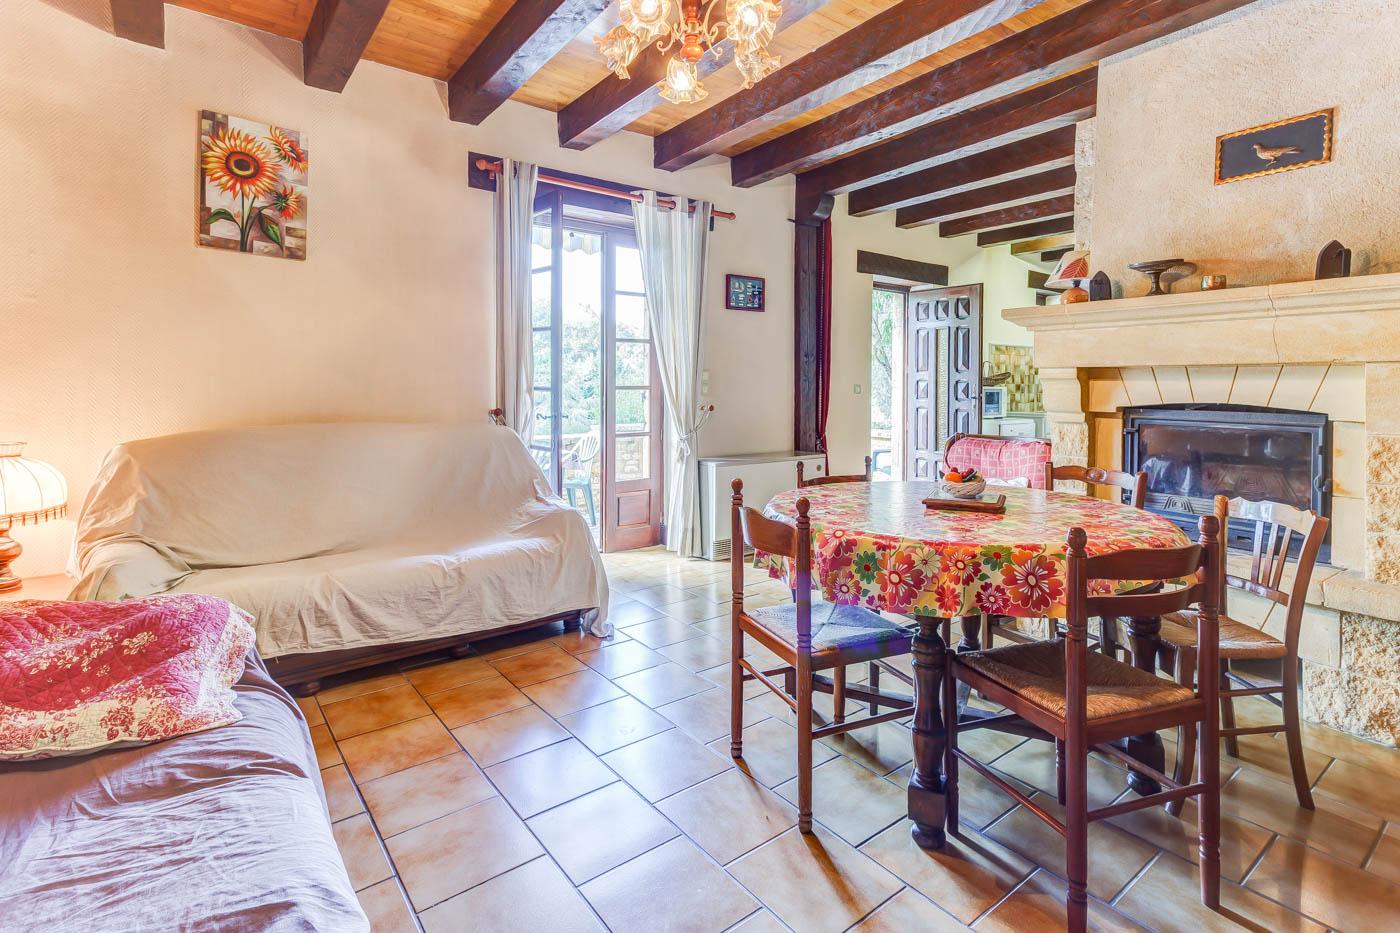 Maison-de-Vacances-Le-Cataplas-16